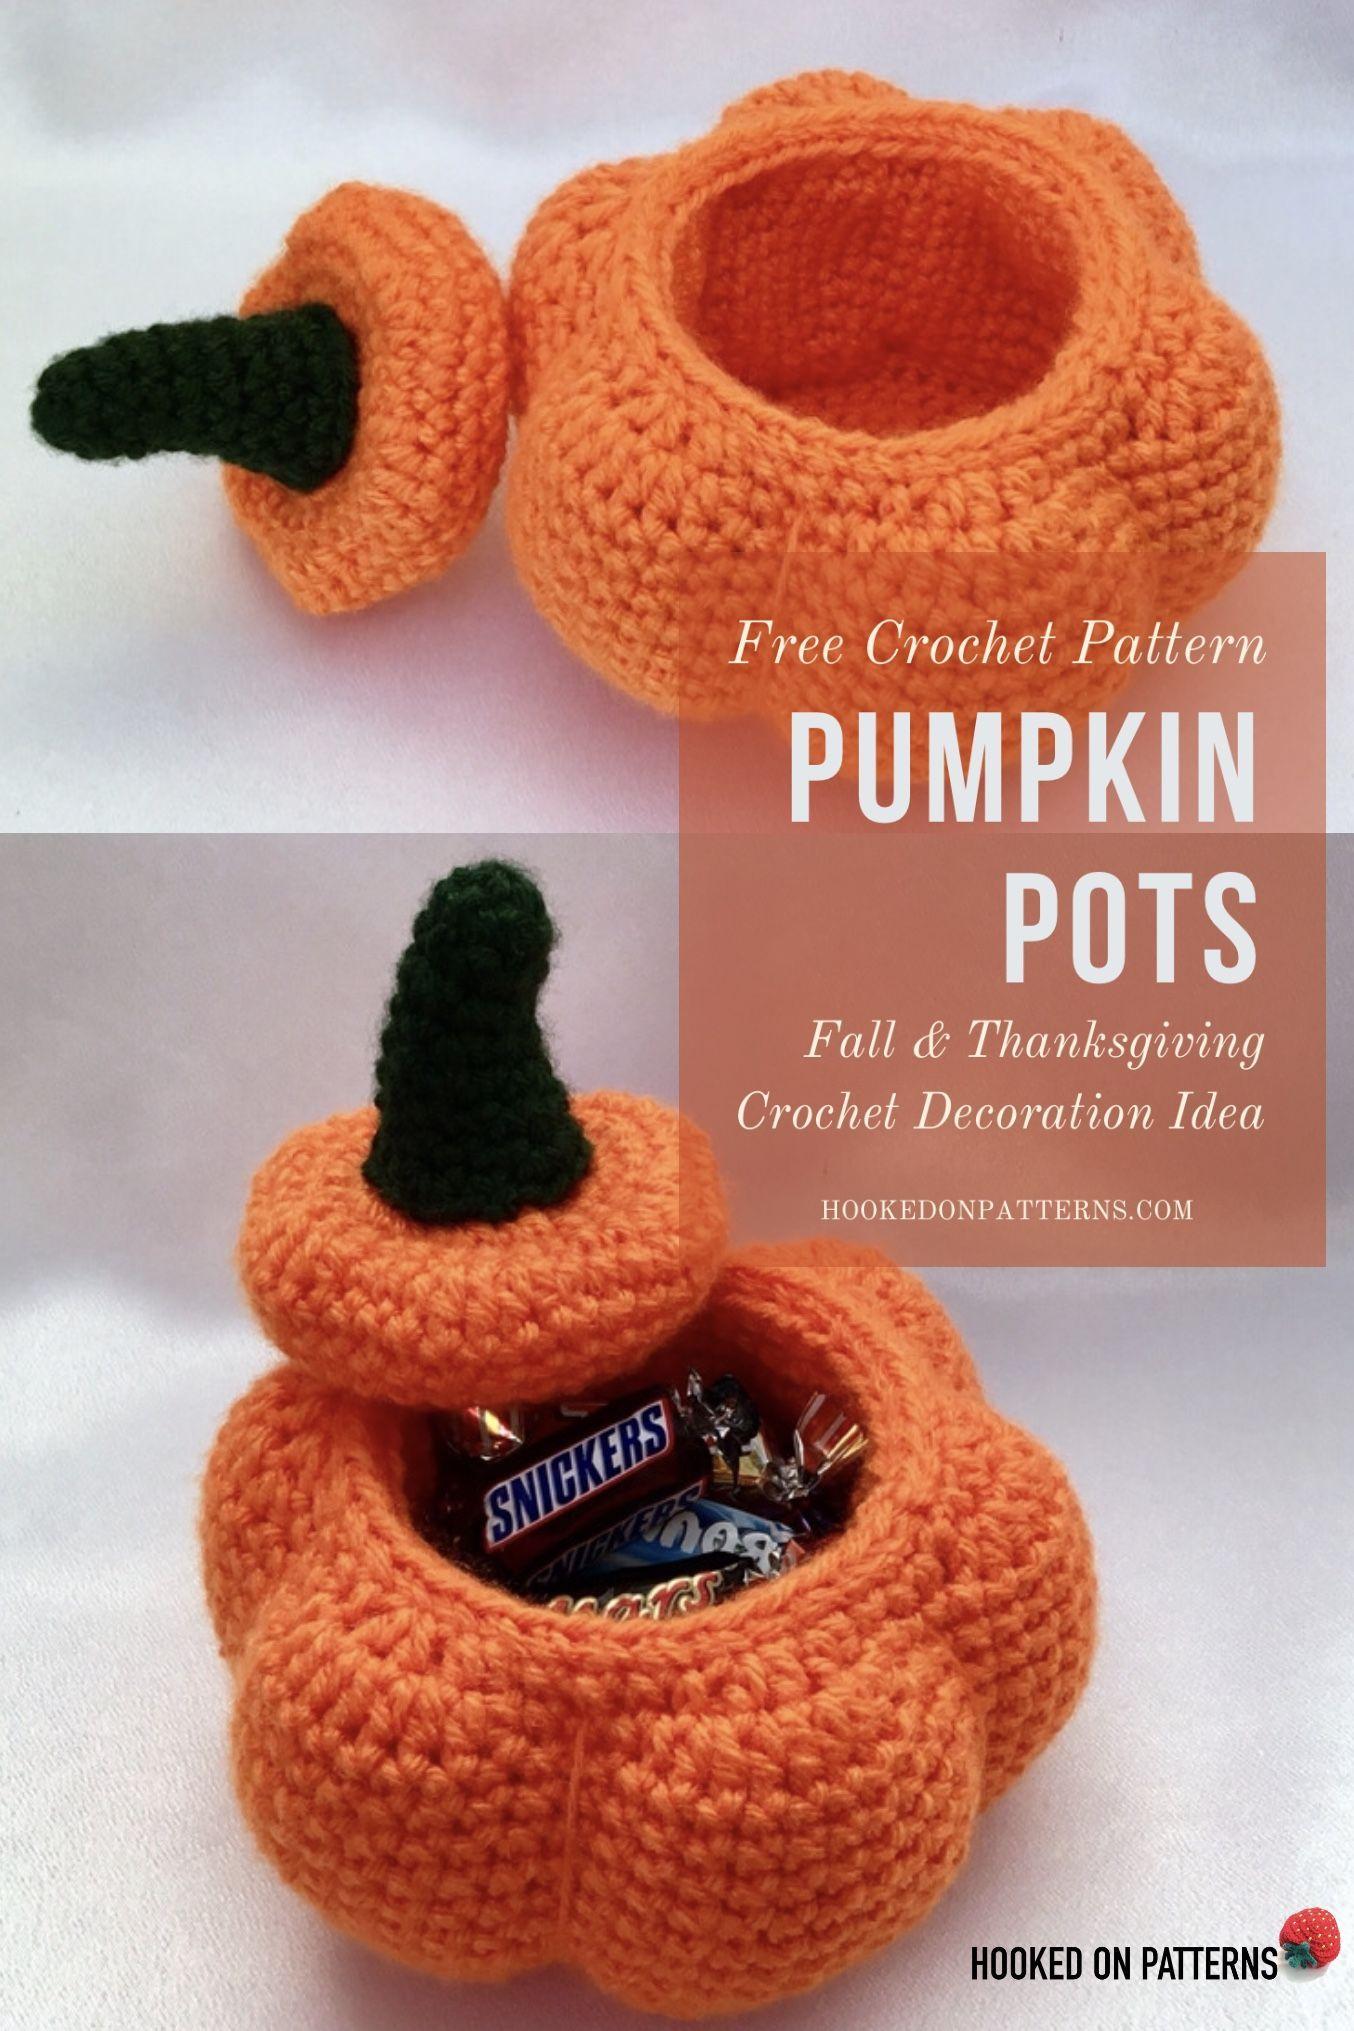 Free Crochet Pumpkin Pots Pattern